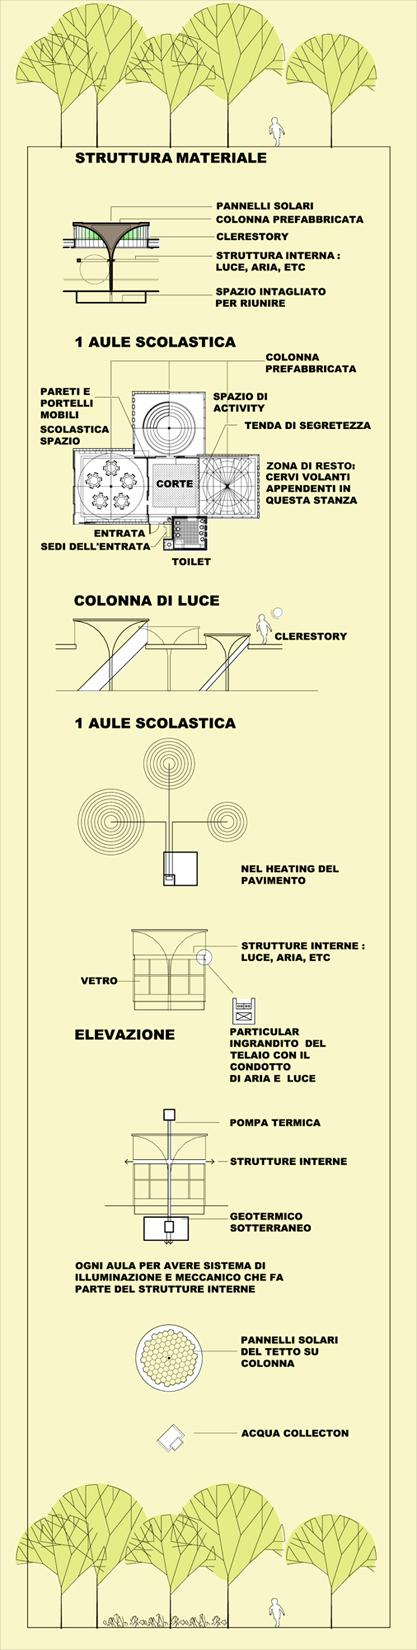 diagram_1big.jpg